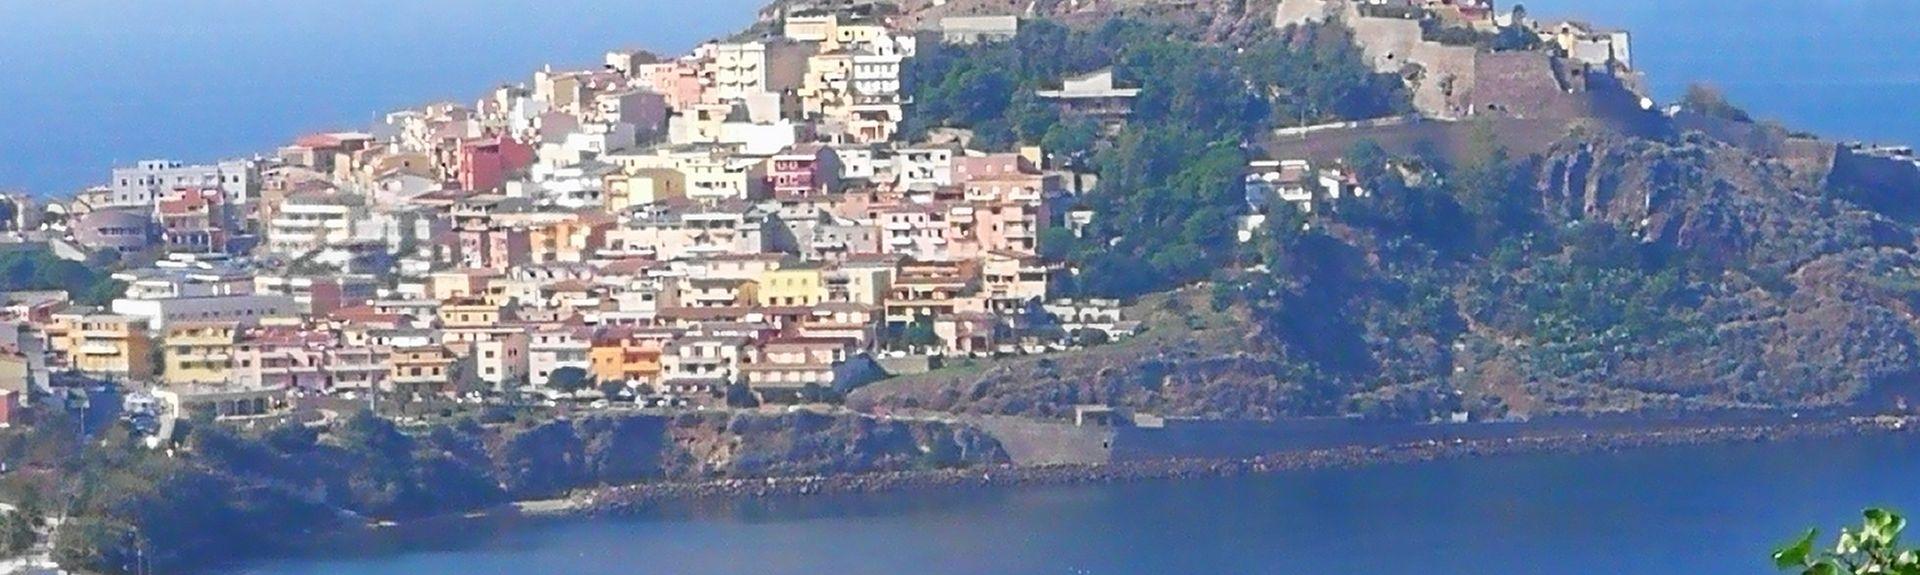 Porto Torres, Sardegna, Italia